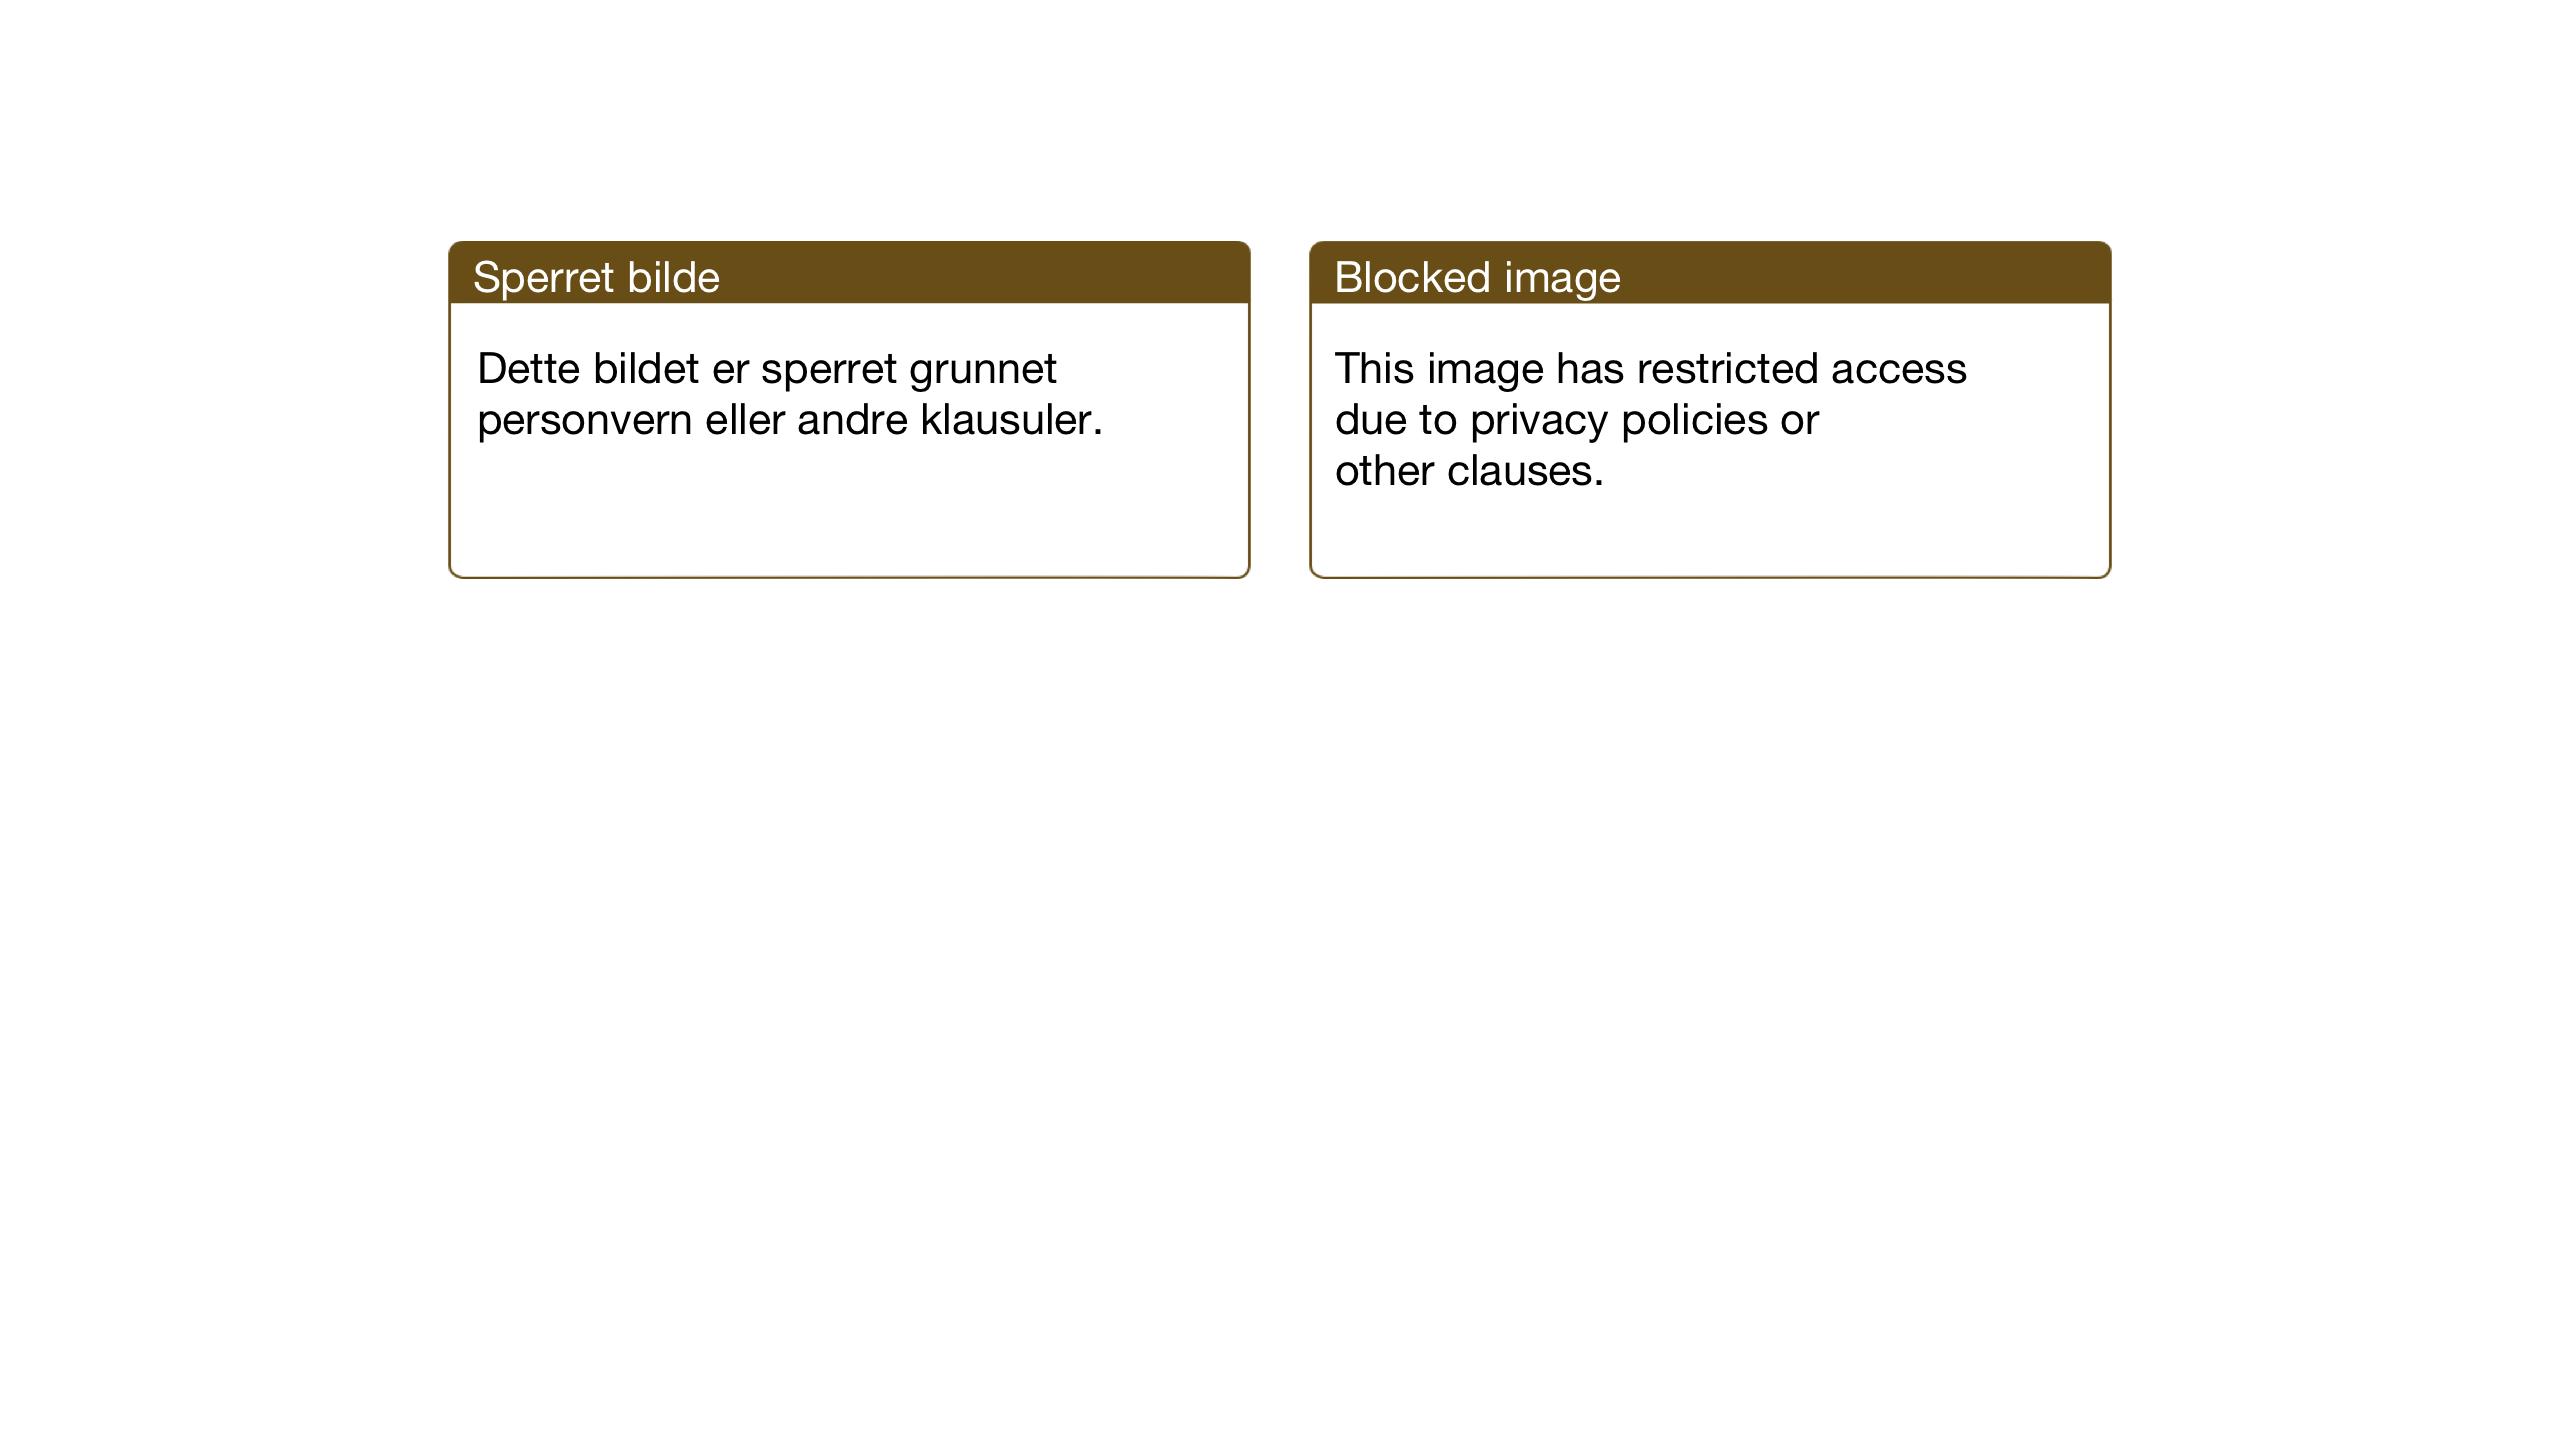 SAT, Ministerialprotokoller, klokkerbøker og fødselsregistre - Nord-Trøndelag, 709/L0089: Klokkerbok nr. 709C03, 1935-1948, s. 238